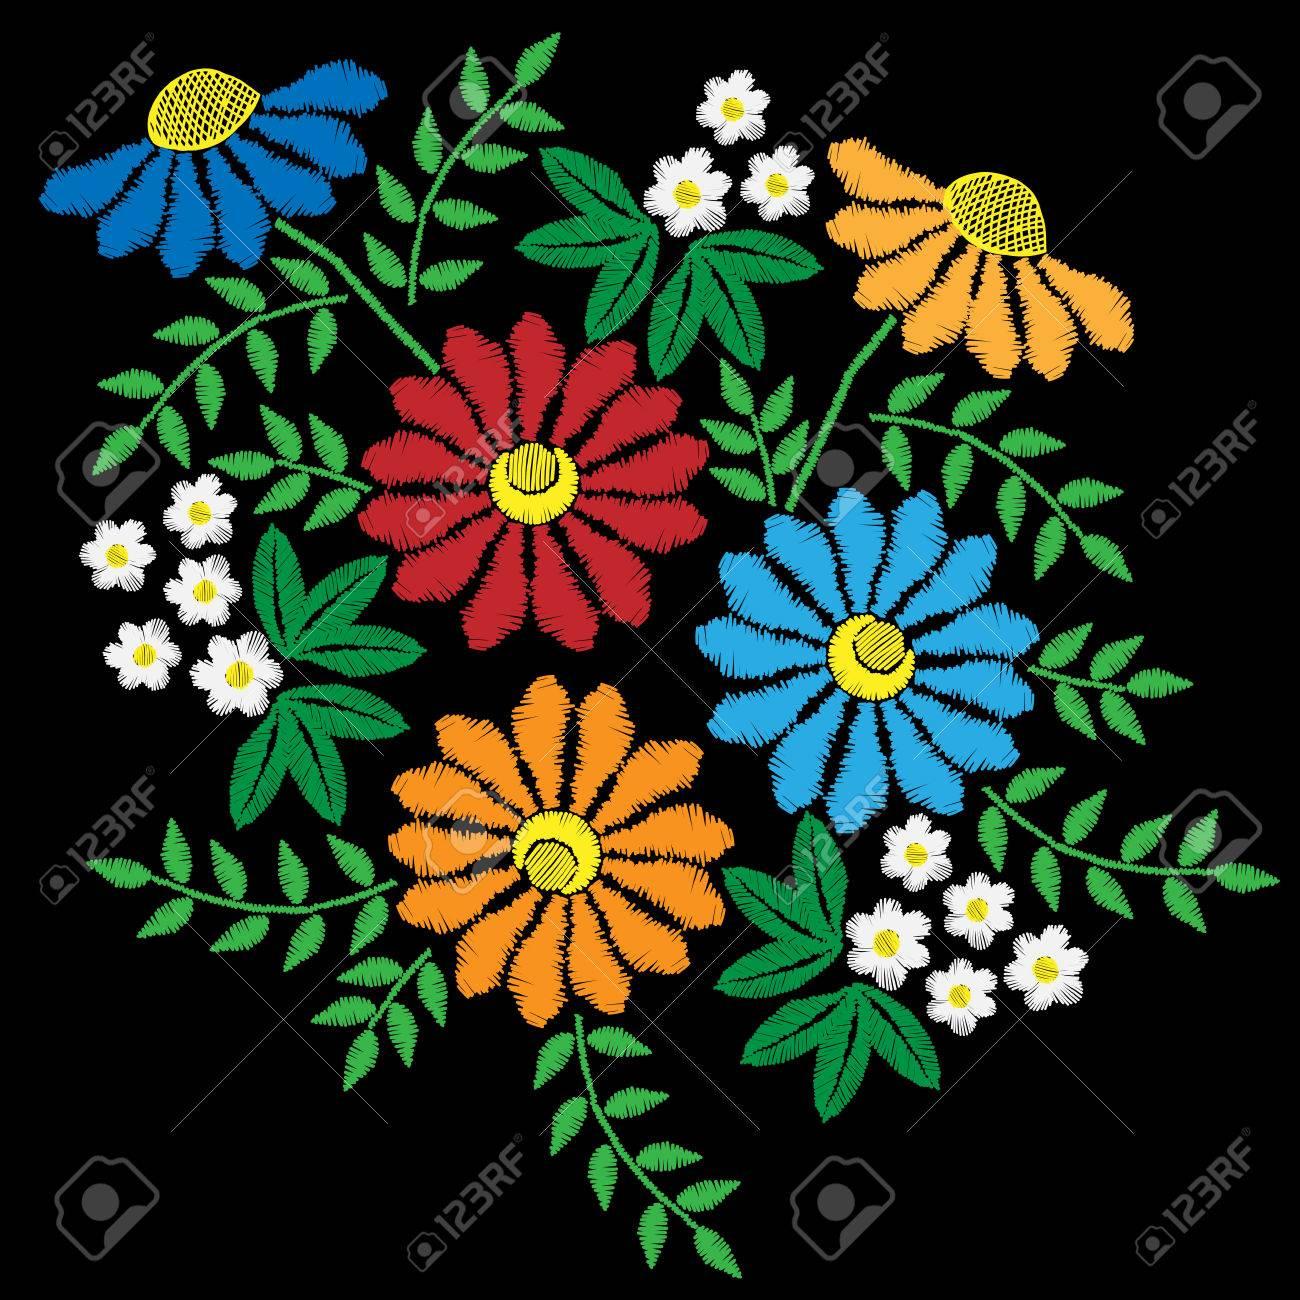 Puntadas De Bordado De Imitacion Con Flores De Colores Con Hojas